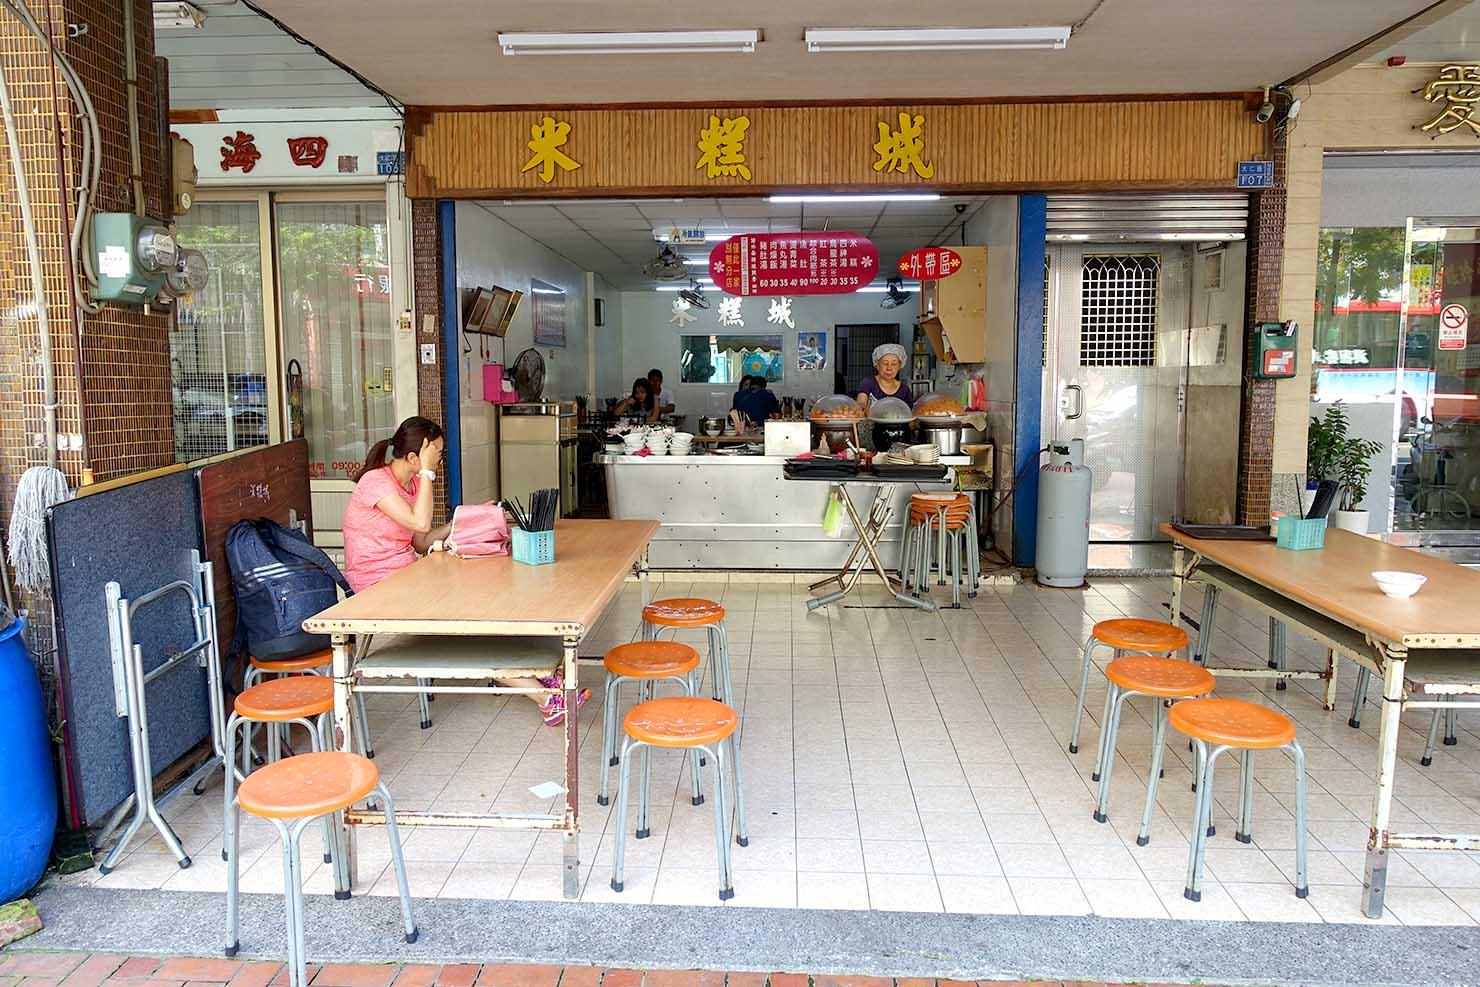 高雄の伝統台湾グルメエリア・鹽埕埔「米糕城」の店内